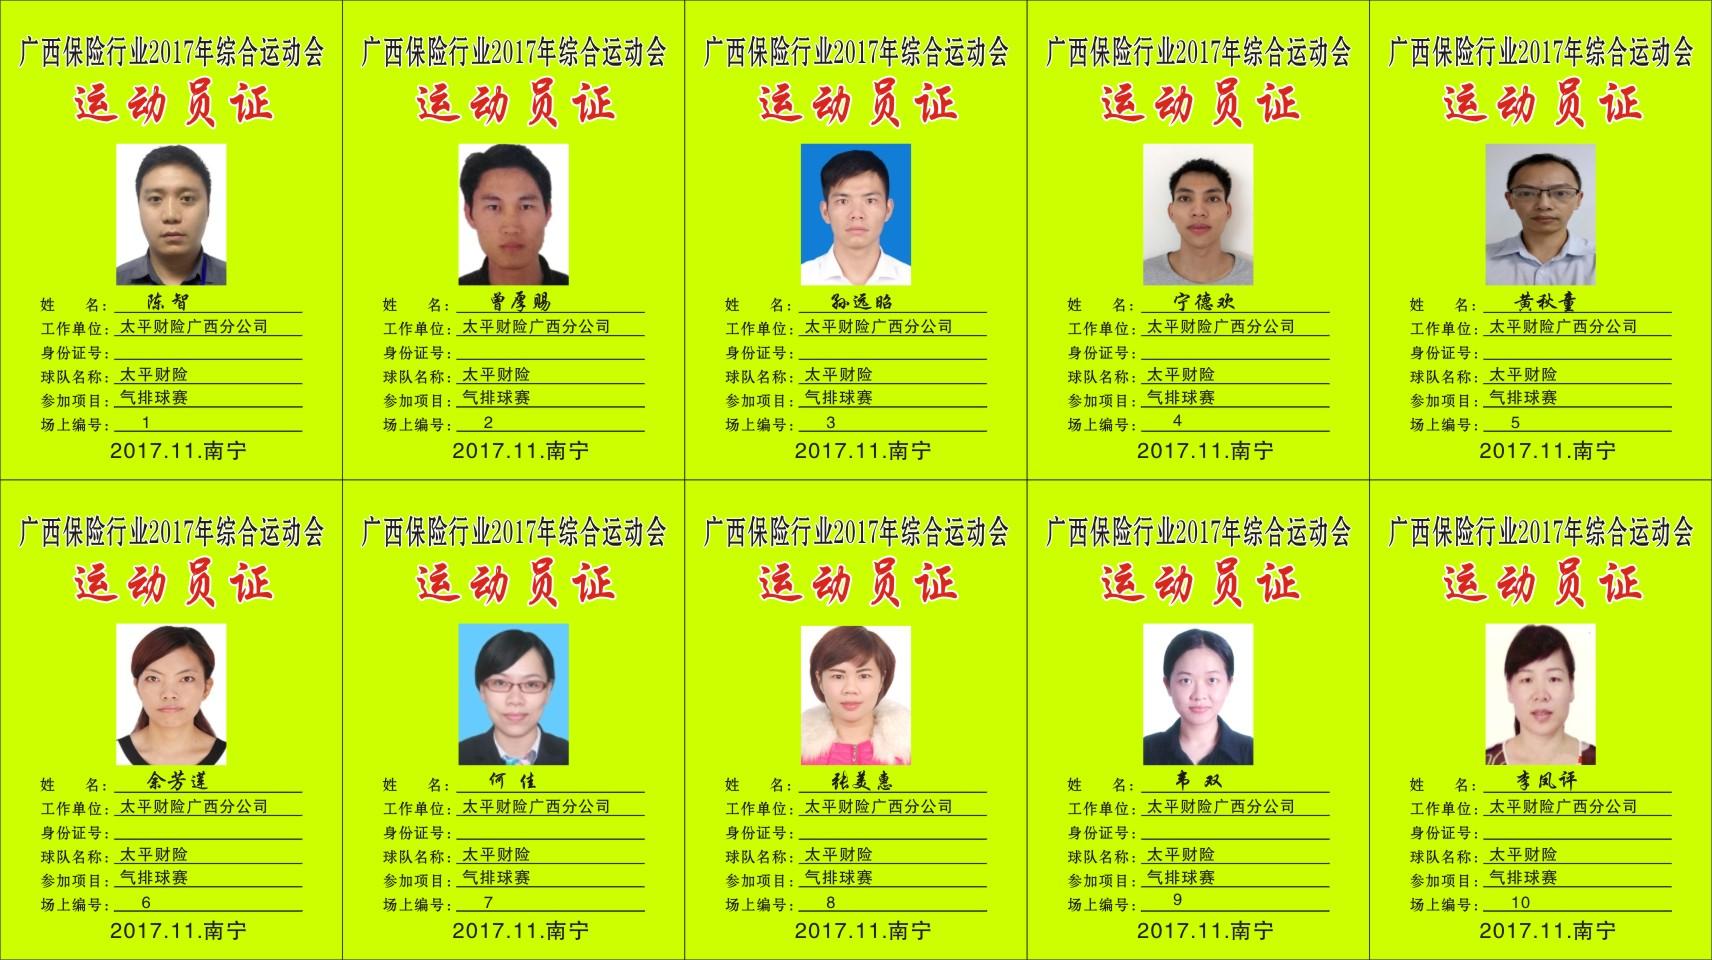 31太平财险广西分公司.jpg